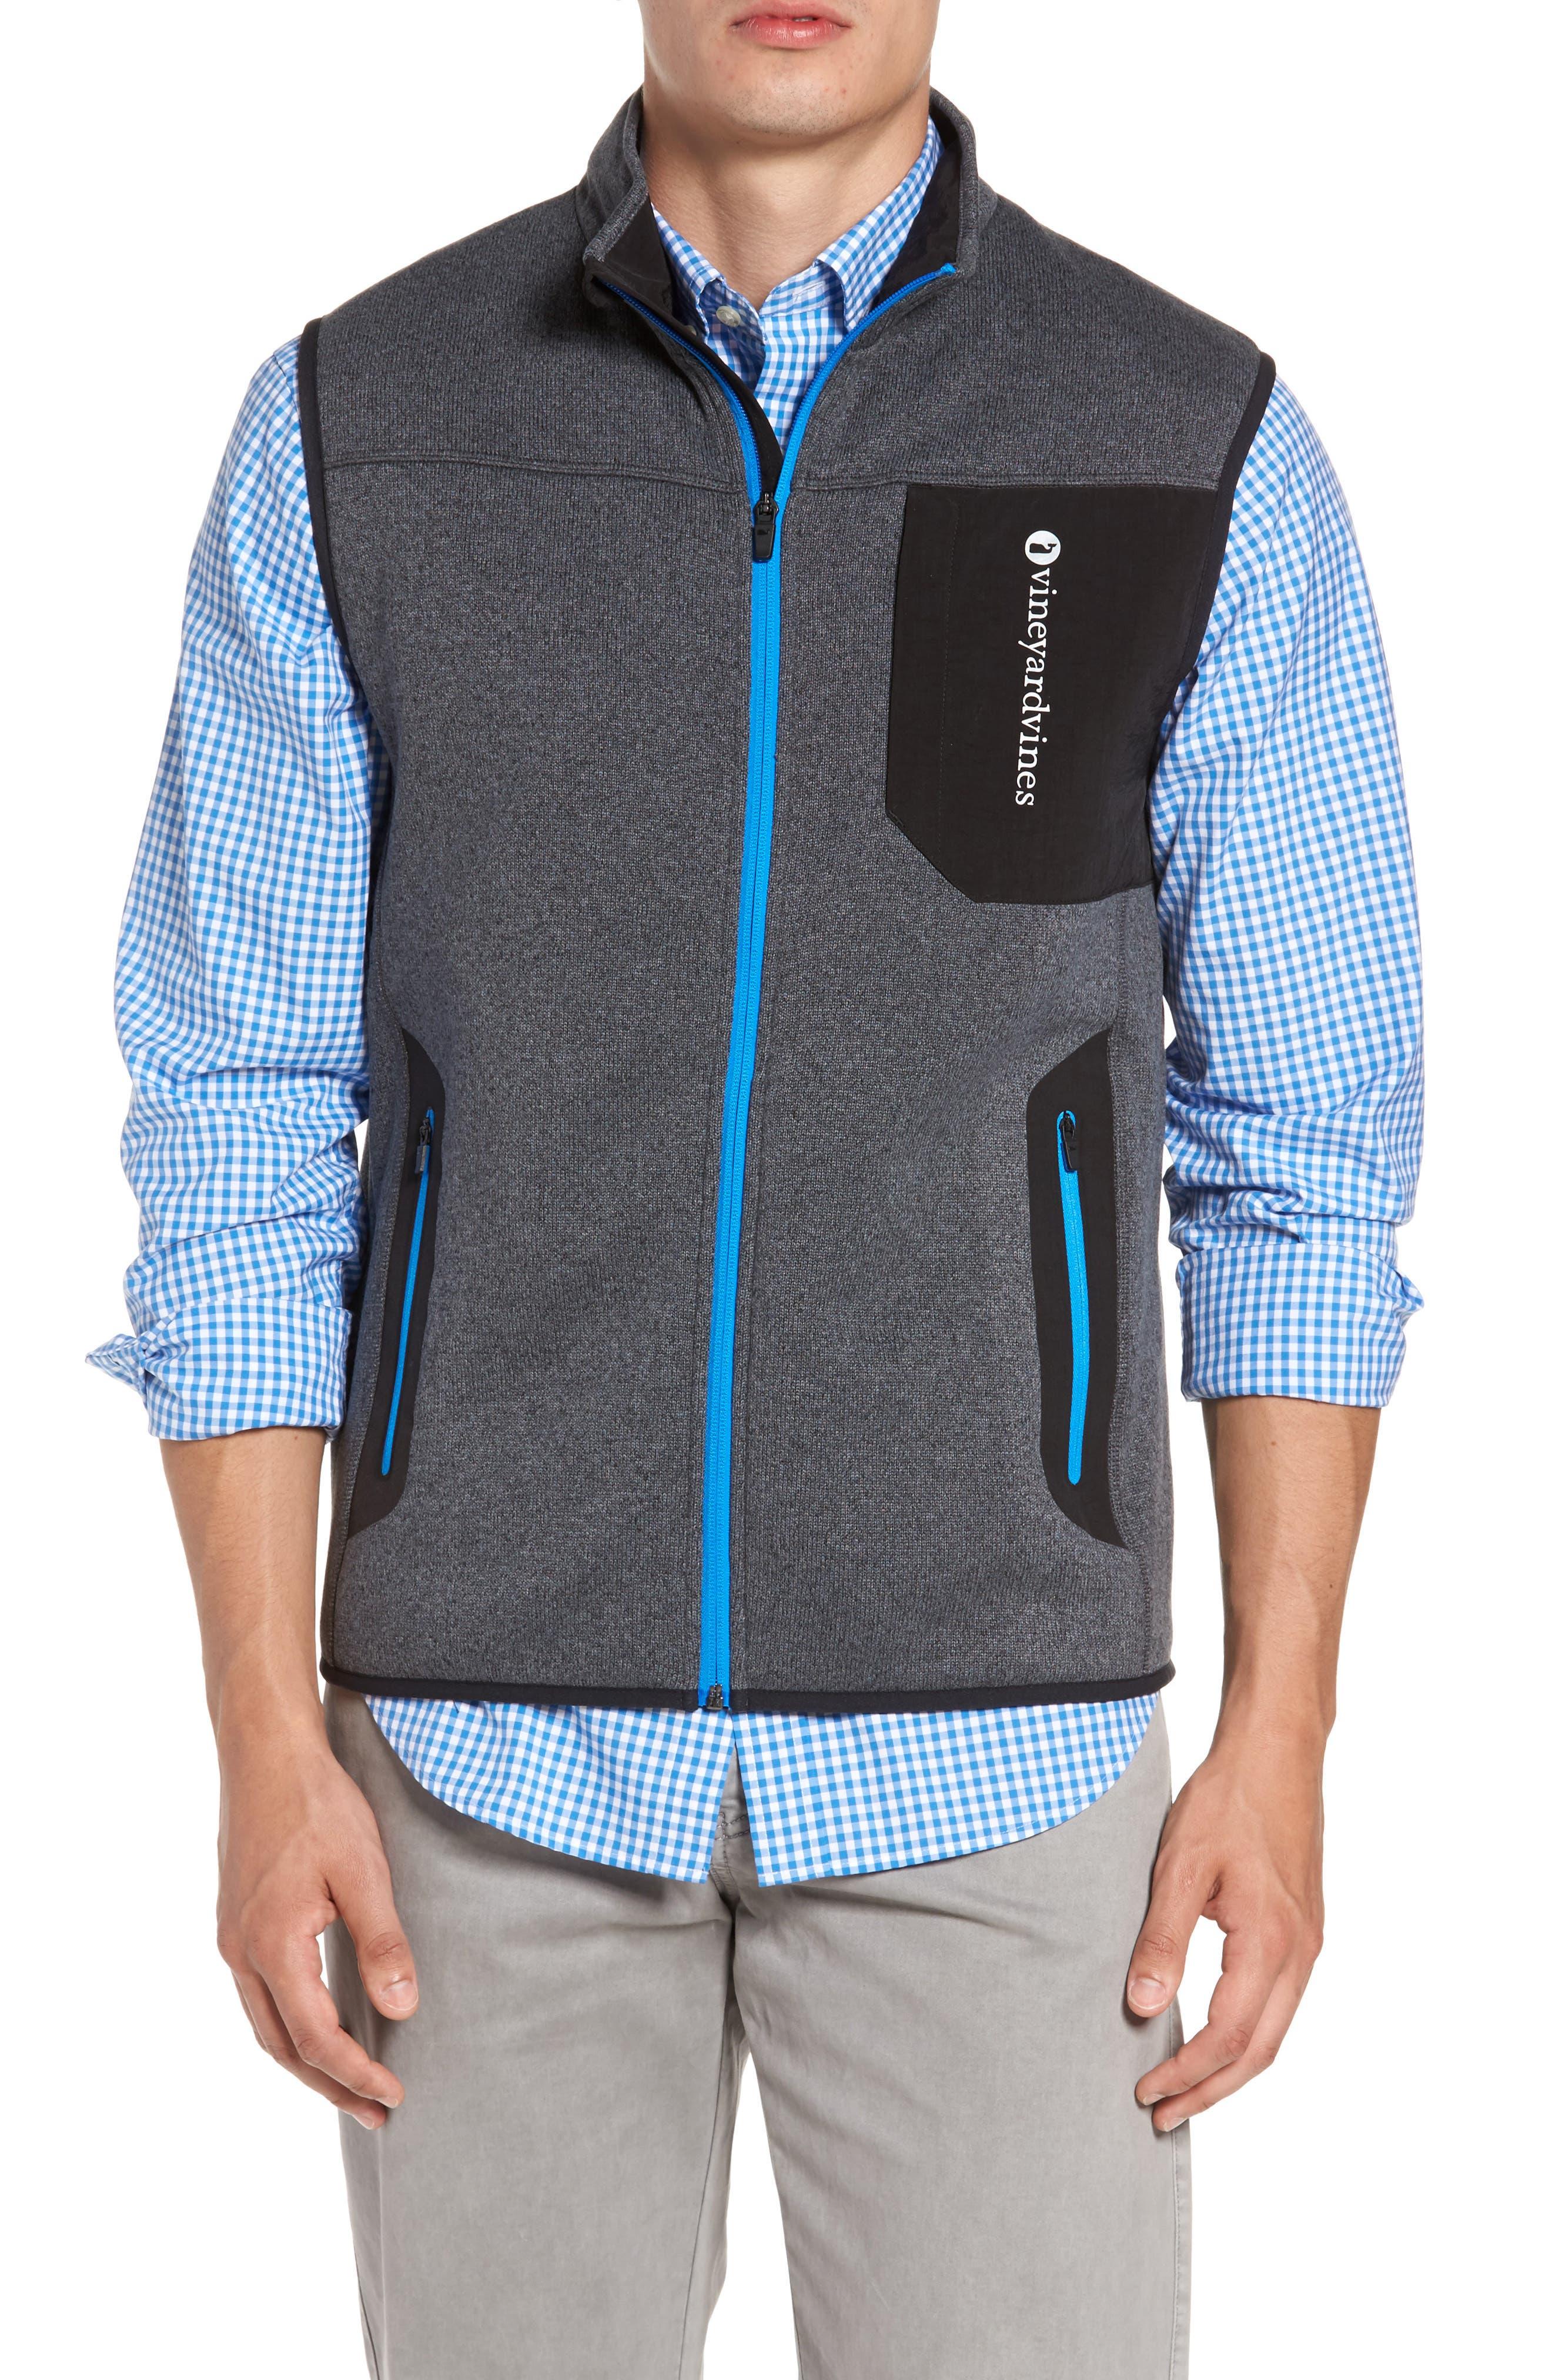 Tech Sweater Fleece Vest,                             Alternate thumbnail 3, color,                             Charcoal